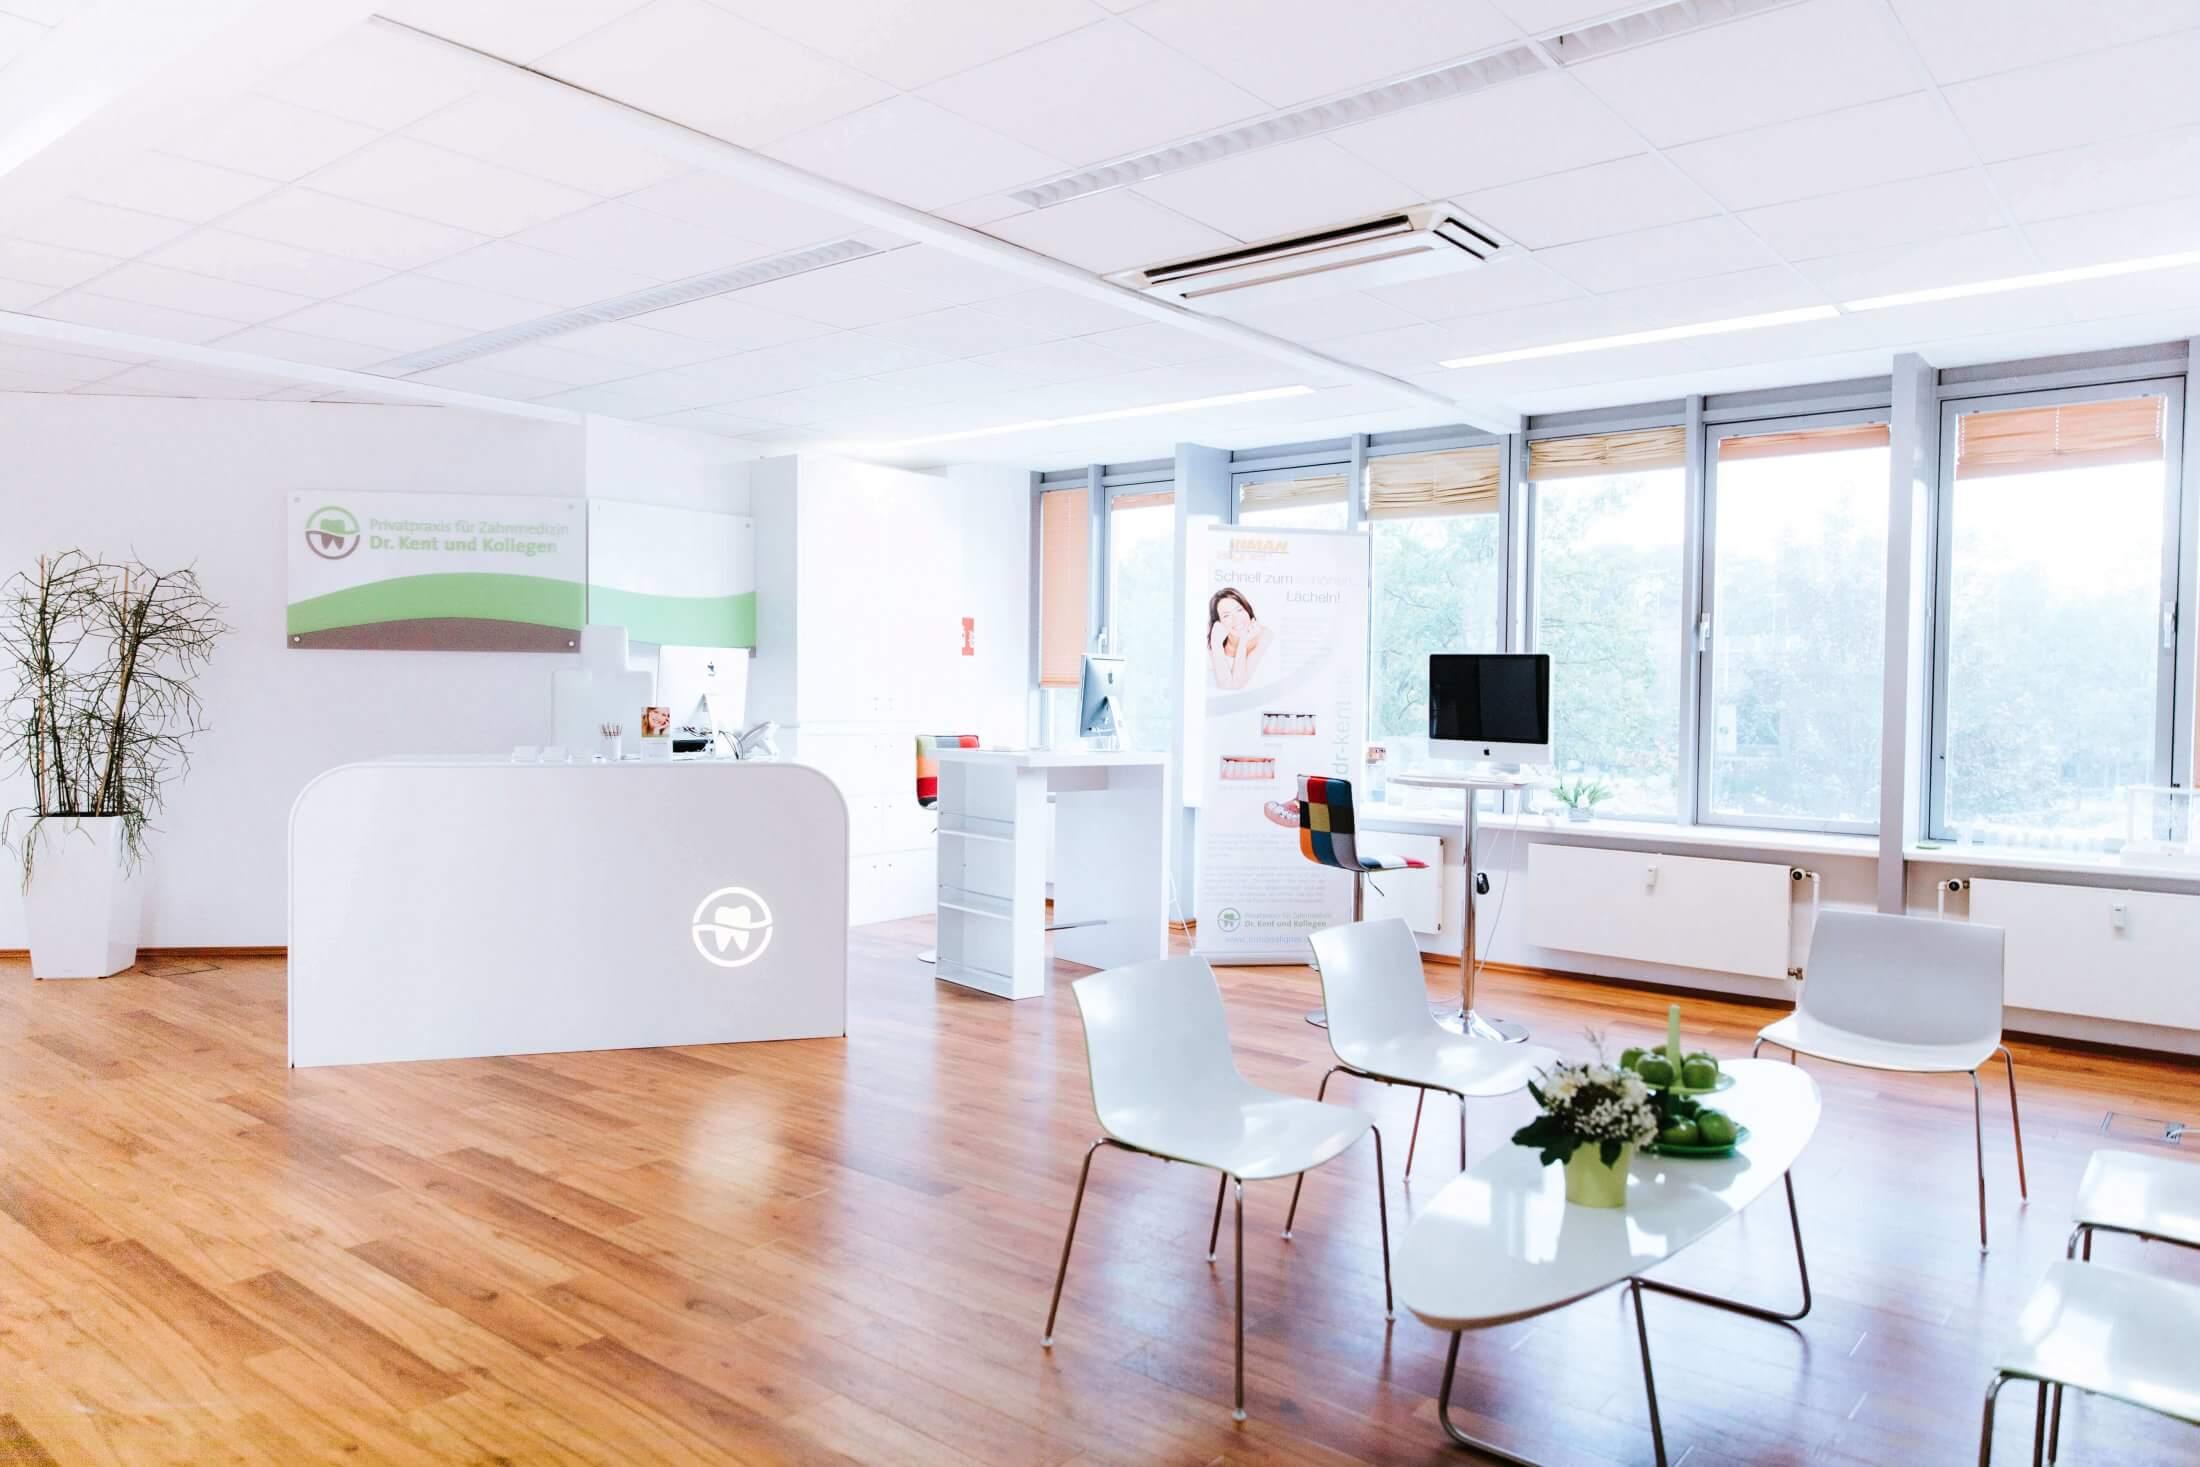 Wartezimmer - Privatpraxis Zahnarzt Bochum - Dr. Kent & Kollegen